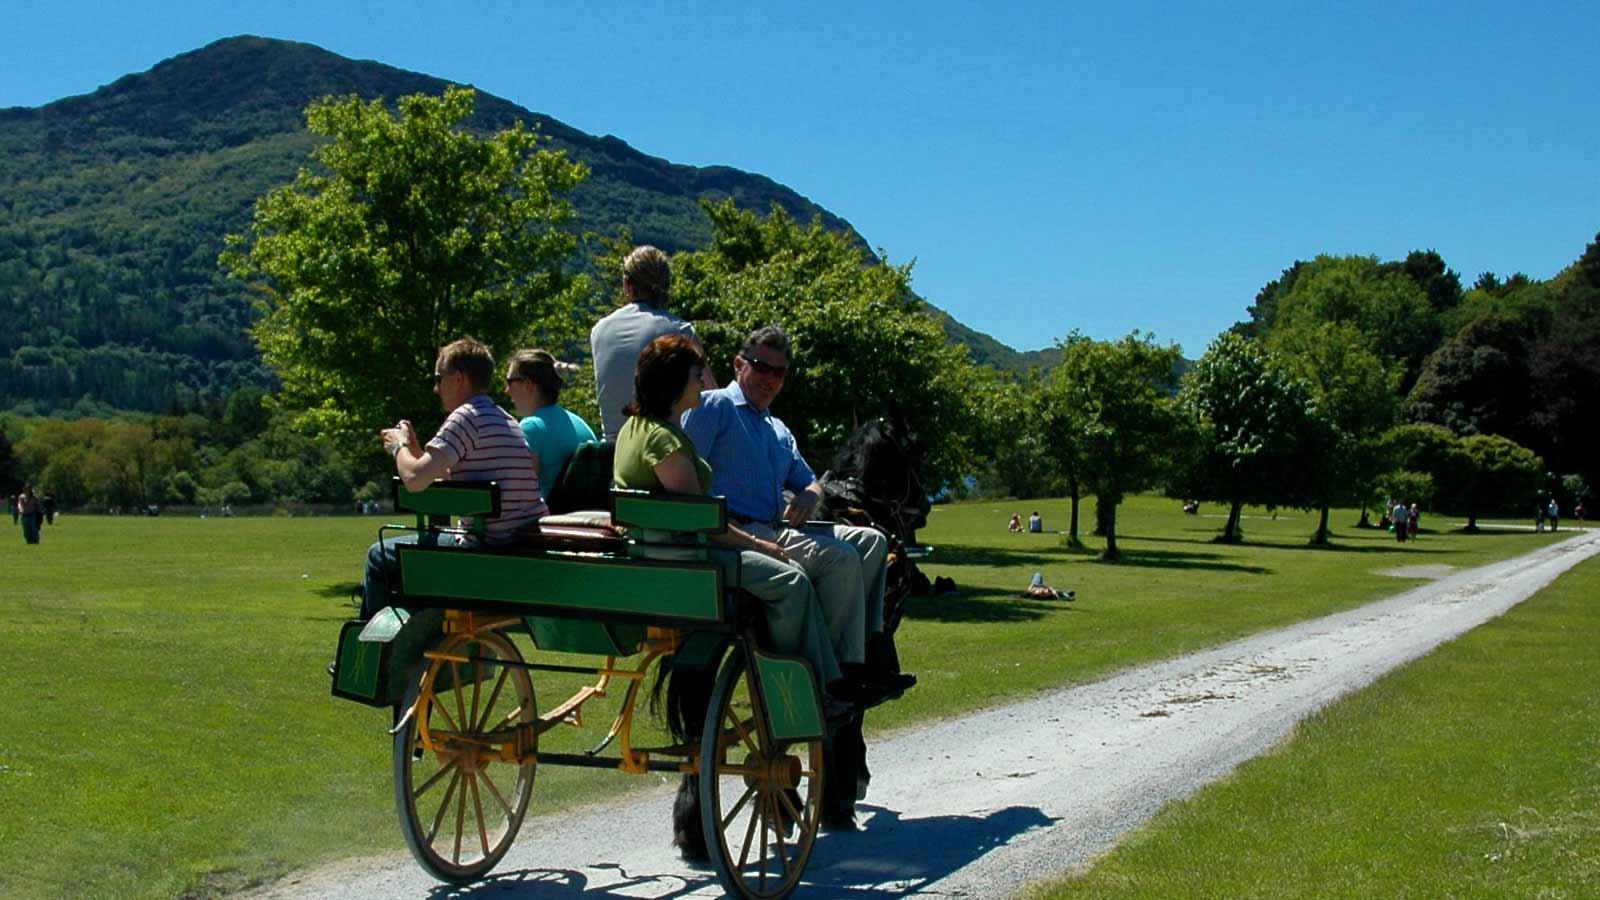 说明: http://www.thedunloe.com/files/images/xml/thedunloe-killarney-national-park3.jpg